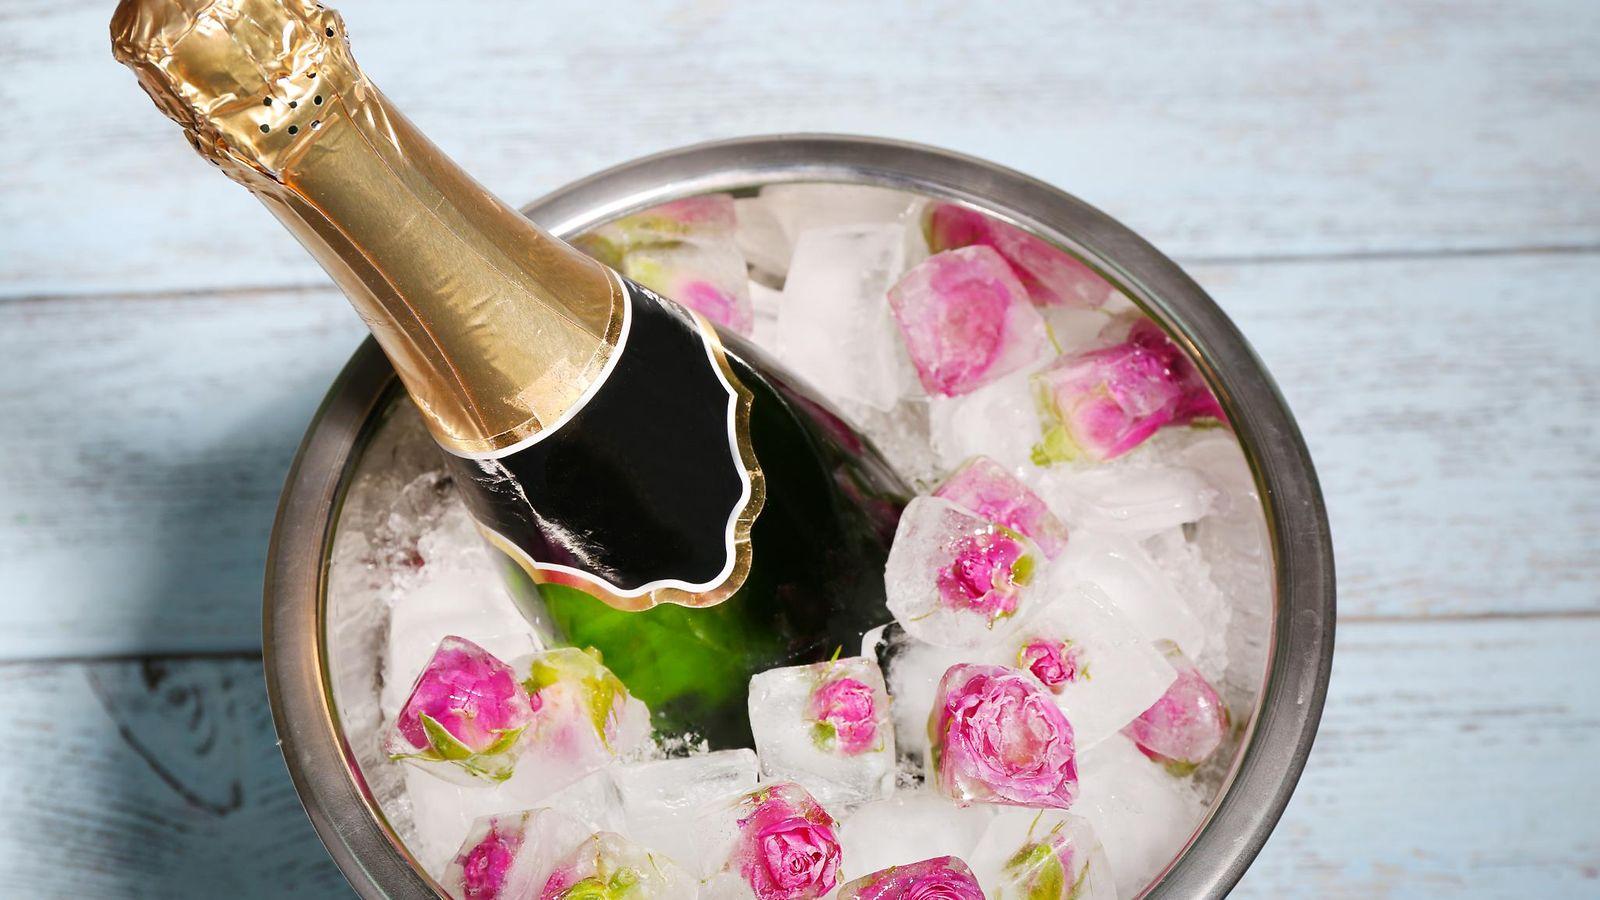 Суёт бутылку от шампанского, Села на бутылку -видео. Смотреть Села на бутылку 17 фотография